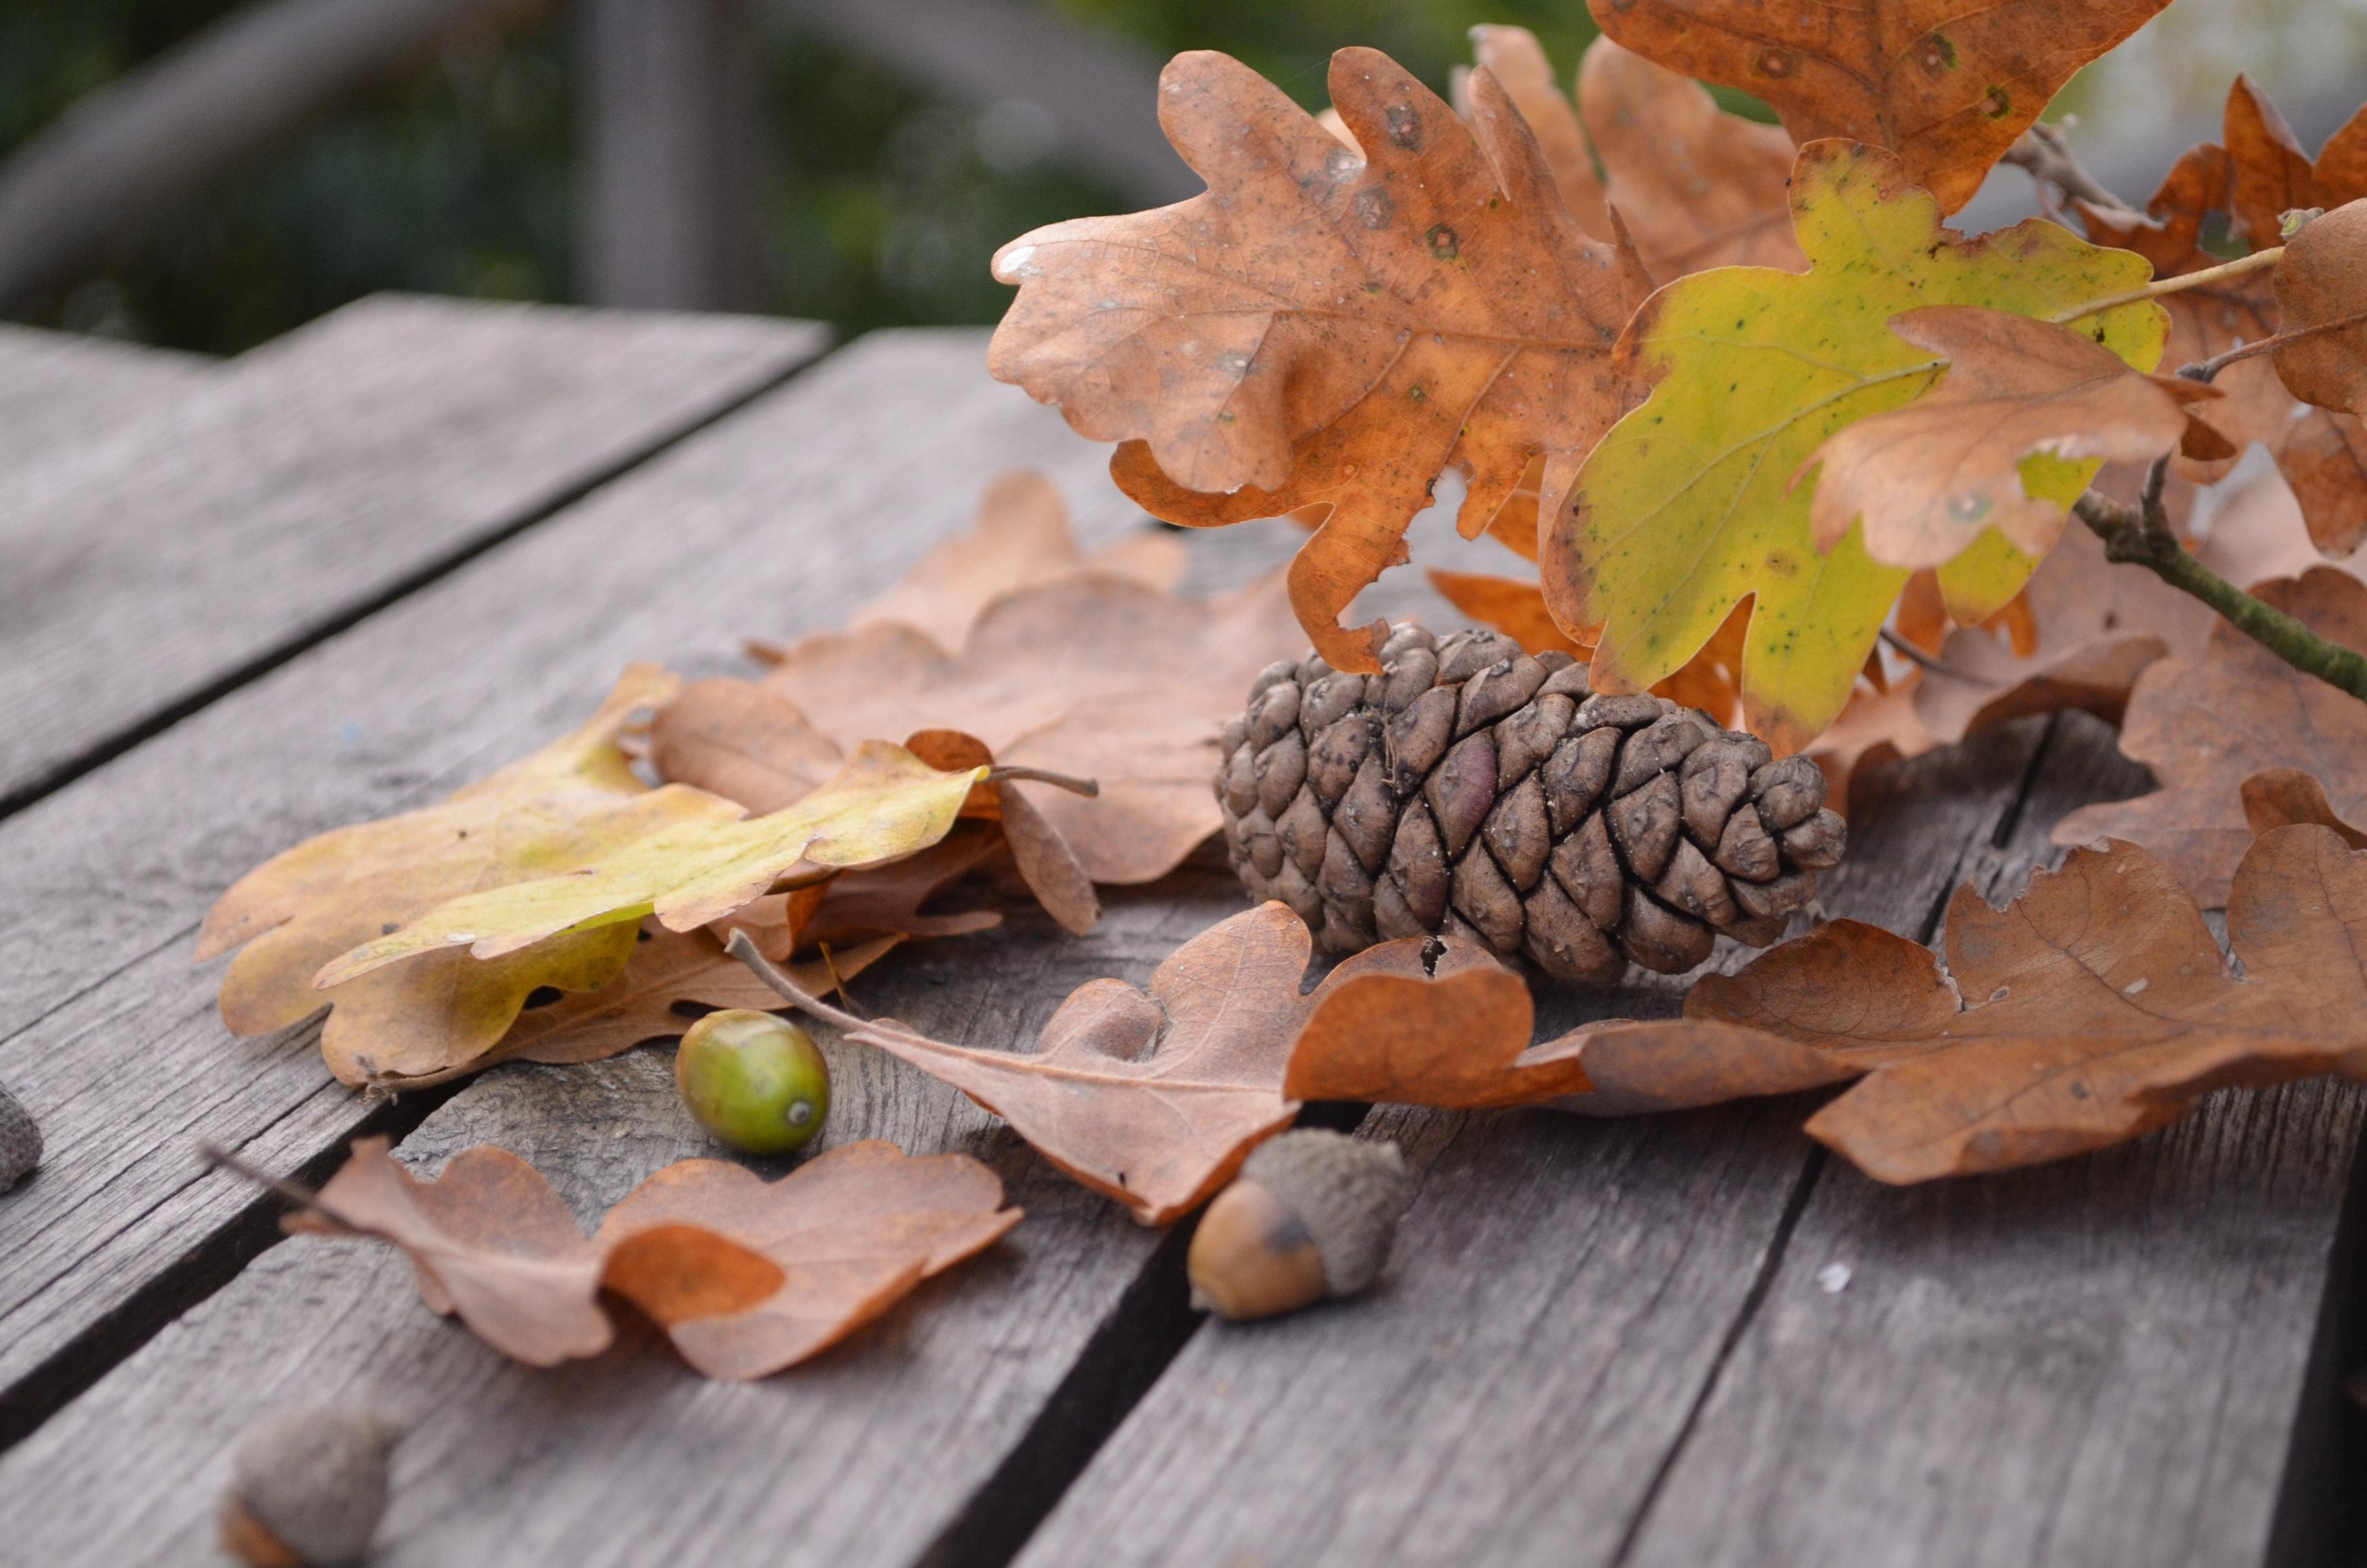 Laden Sie das kostenlose Hintergrundbild 81648: Herbst, Natur, Laub, Kegel, Beule, Eiche, Eichel Hintergrundbild für das Handy herunter